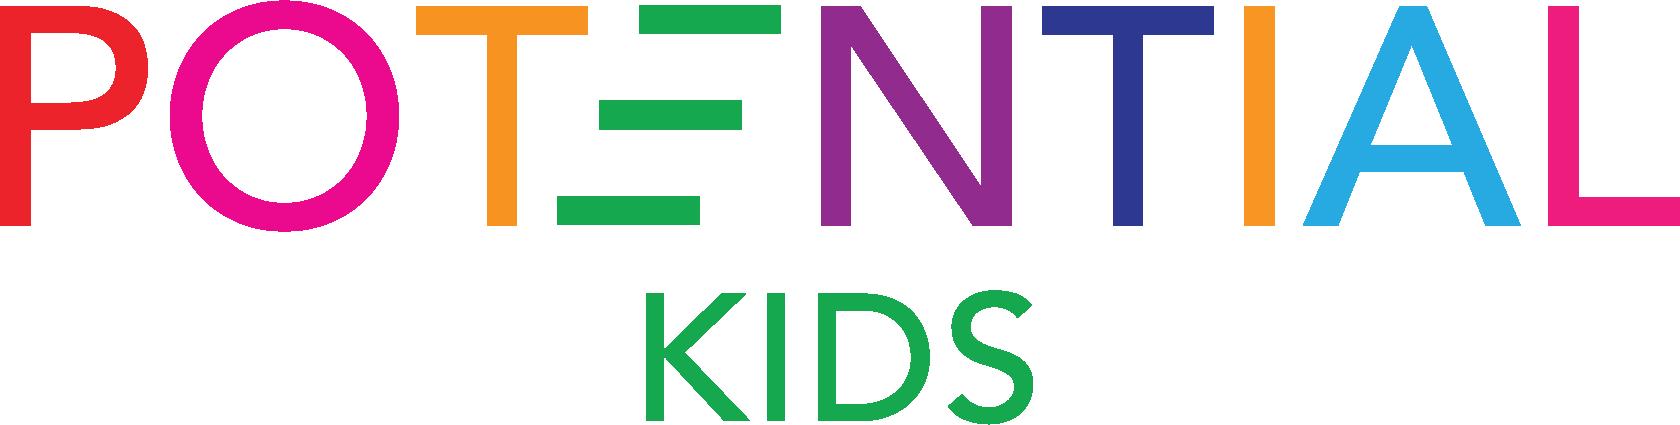 Potential Kids Logo